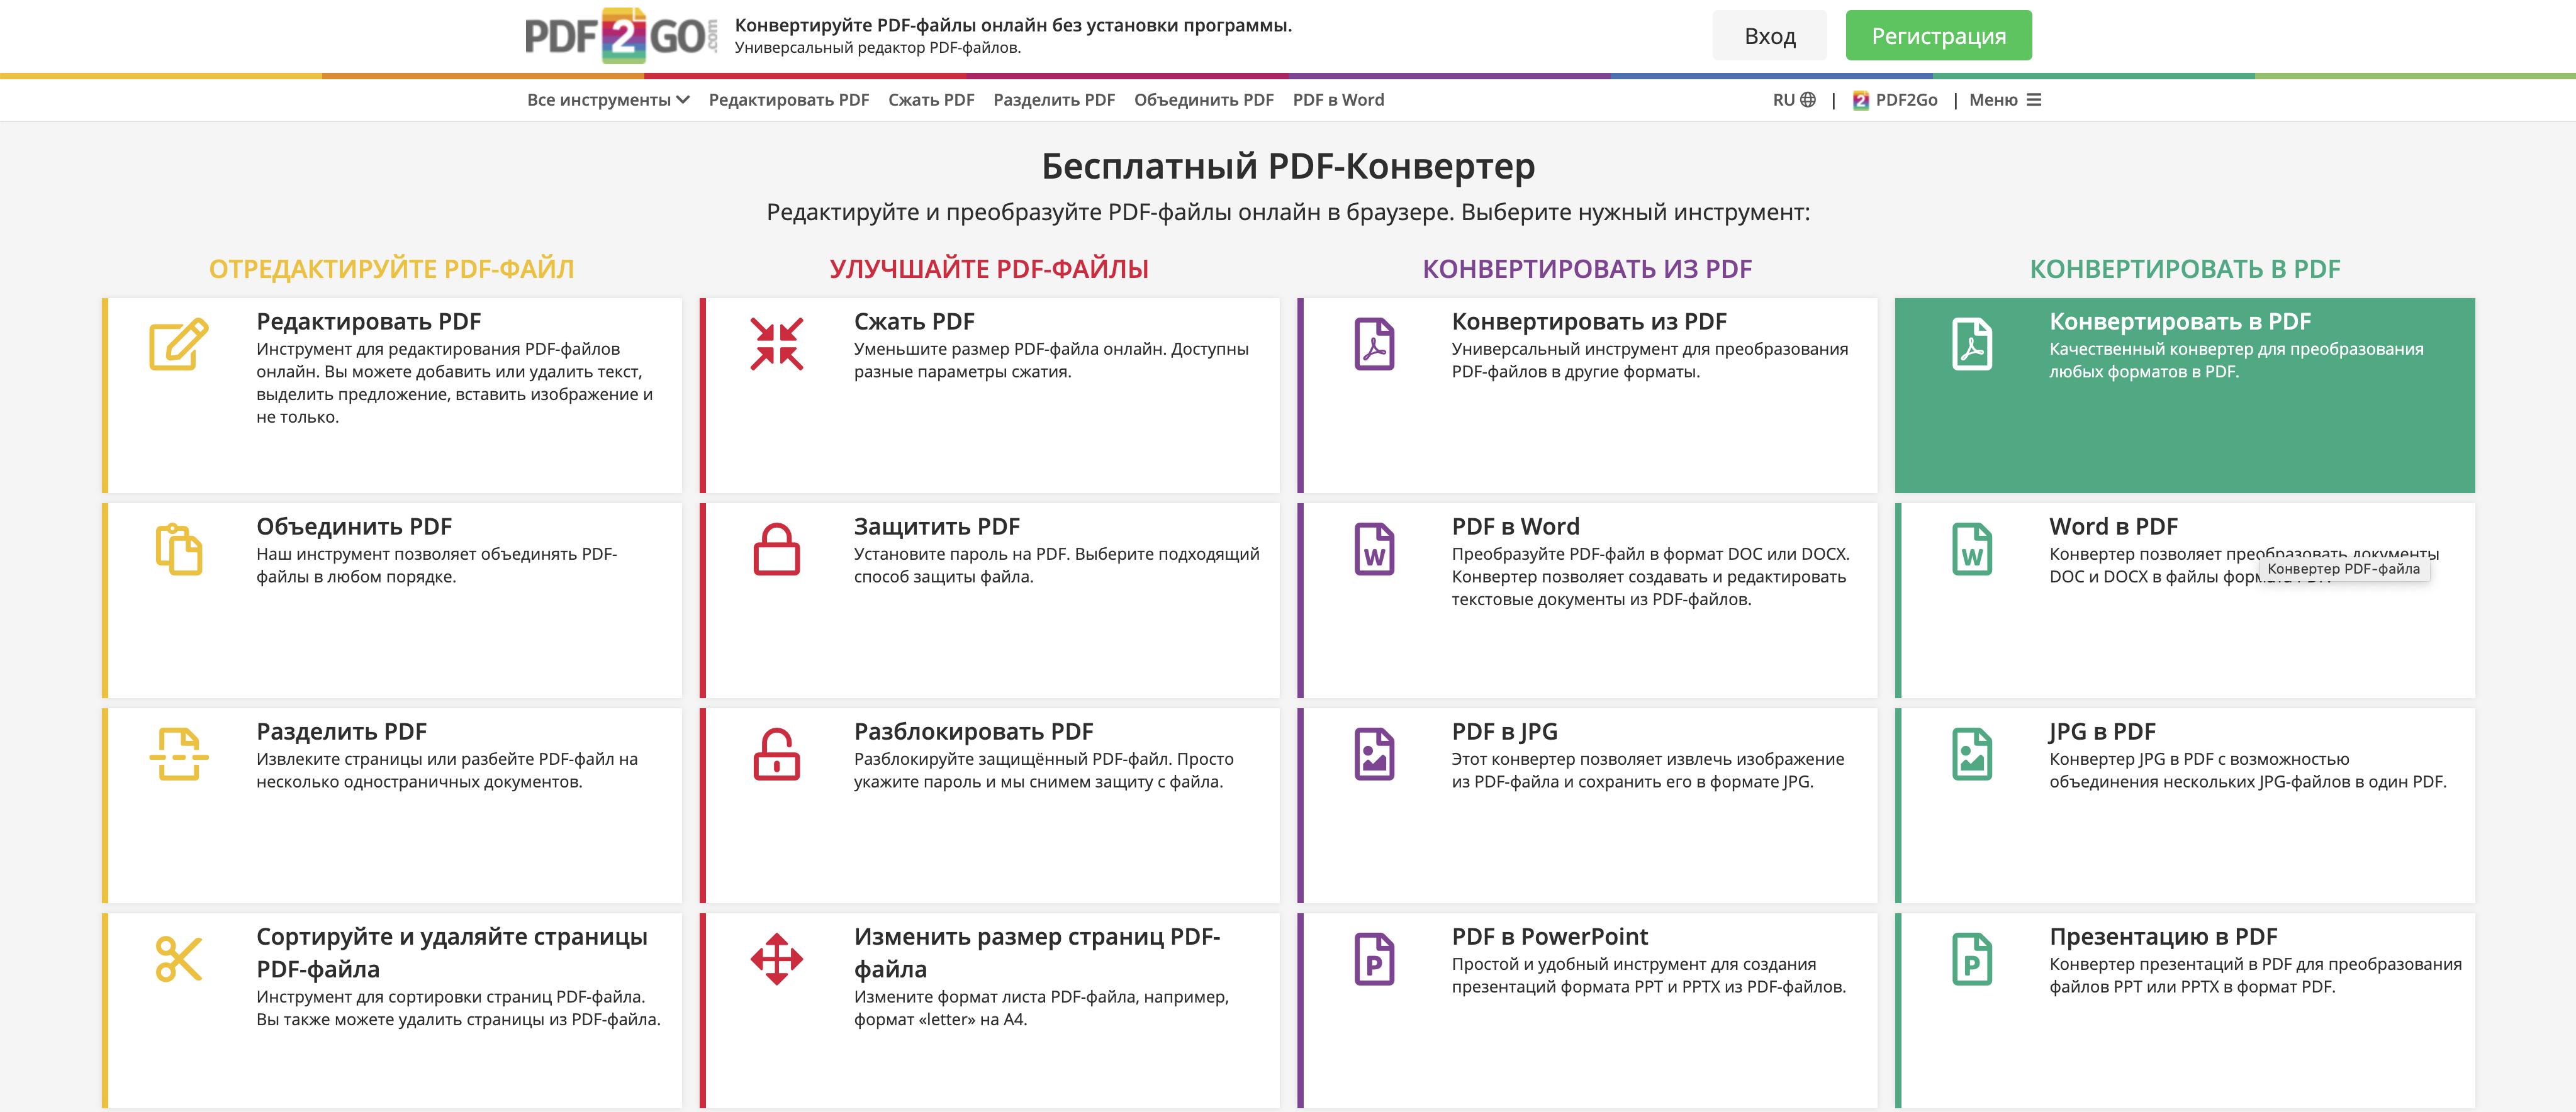 как преобразовать эксель в pdf онлайн